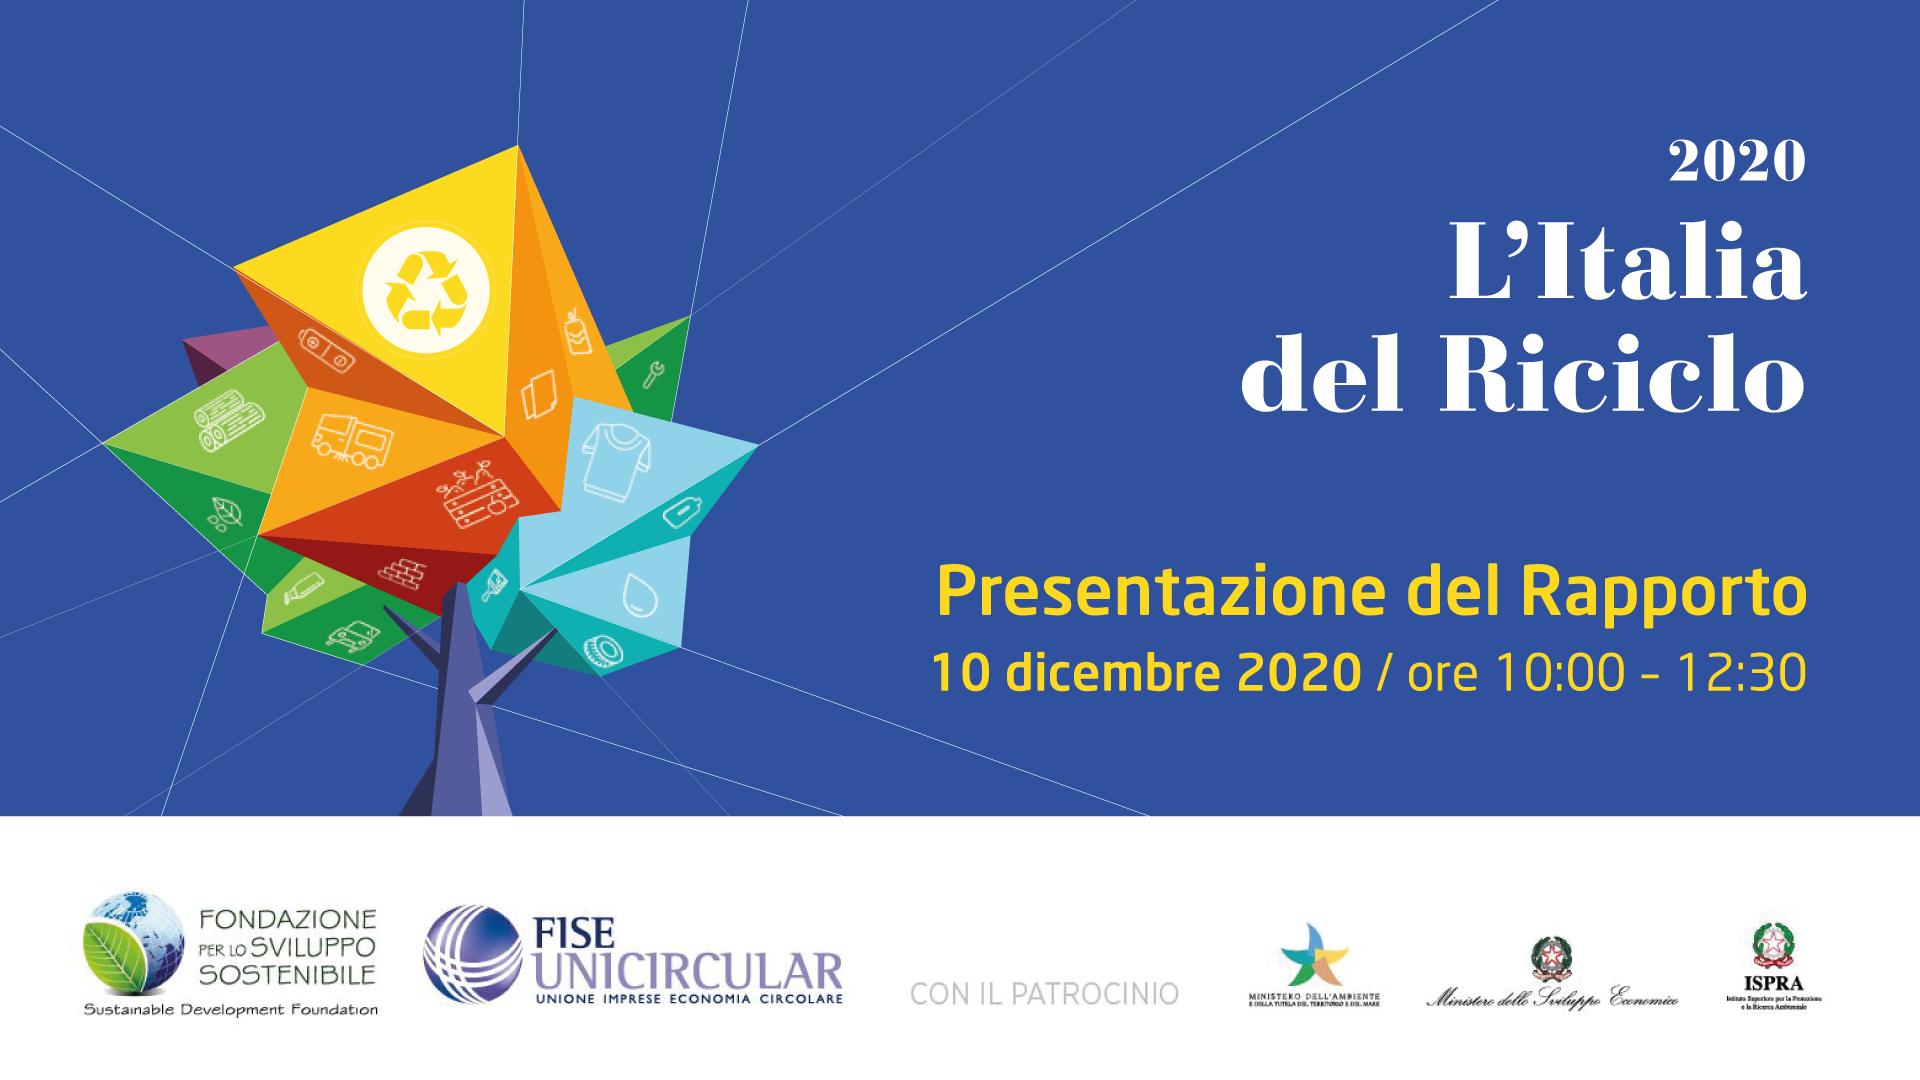 Italia del Riciclo 2020 consorzio C.A.R.P.I. Carpi riciclo plastica rapporto fondazione sviluppo sostenibile